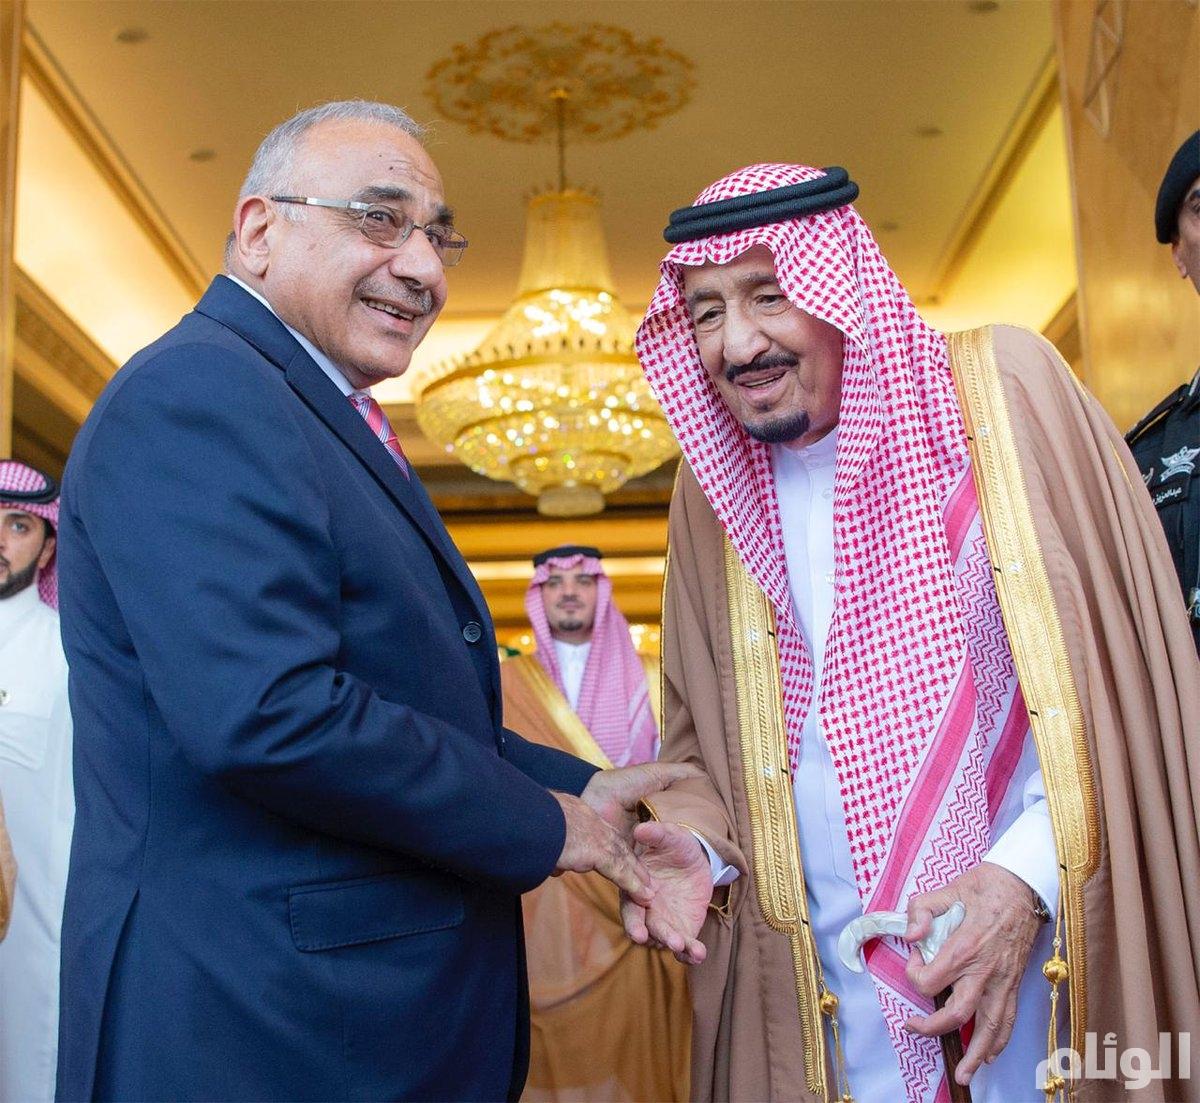 خادم الحرمين: السعودية تقف مع العراق ويجمعنا به الدين والأمن والمصالح المشتركة